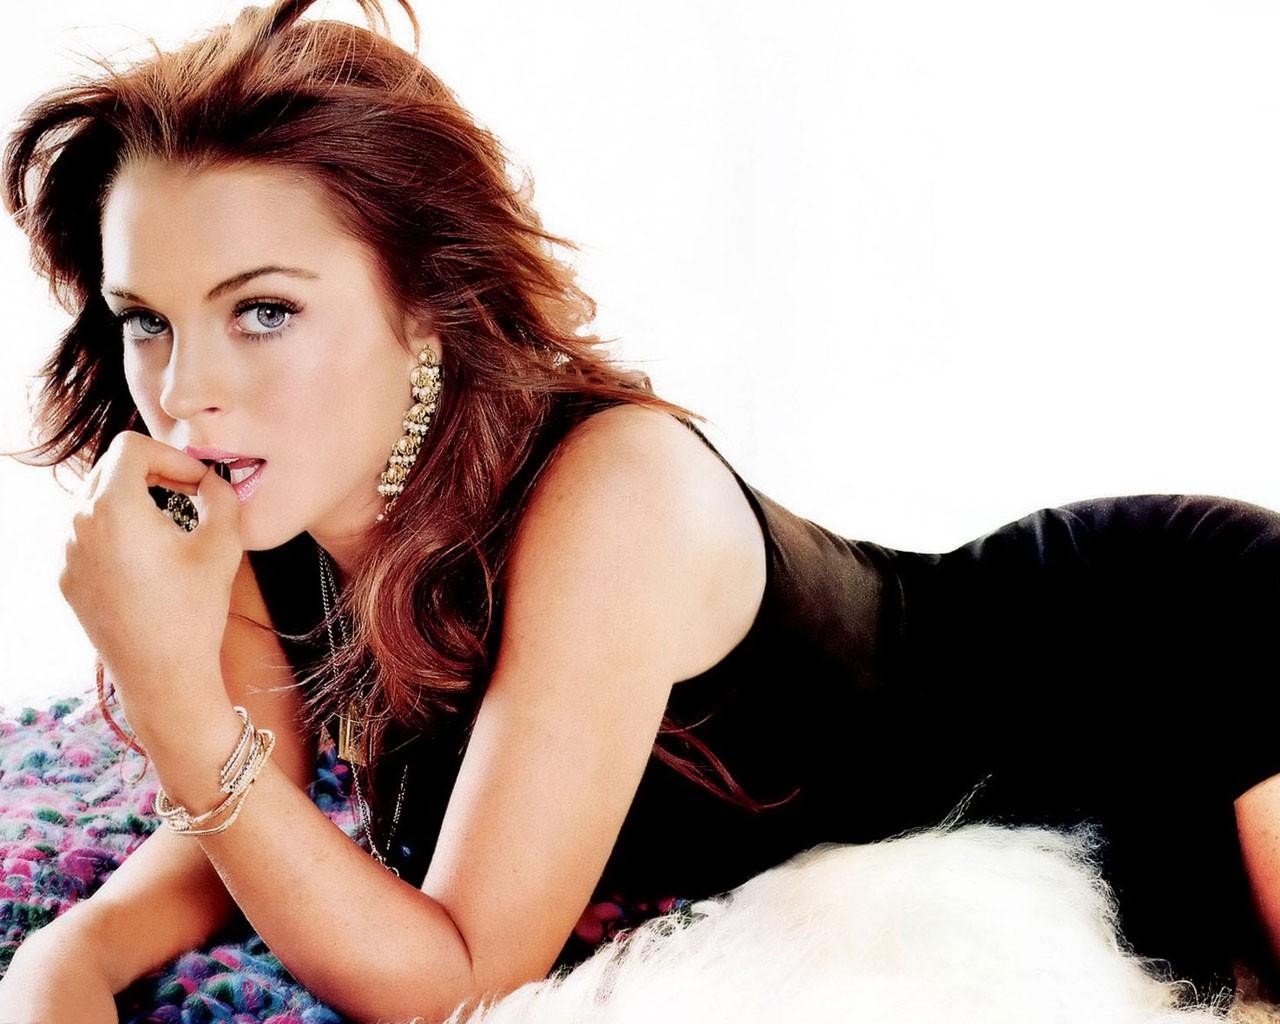 Lindsay-Lohan jpg Lindsay Lohan